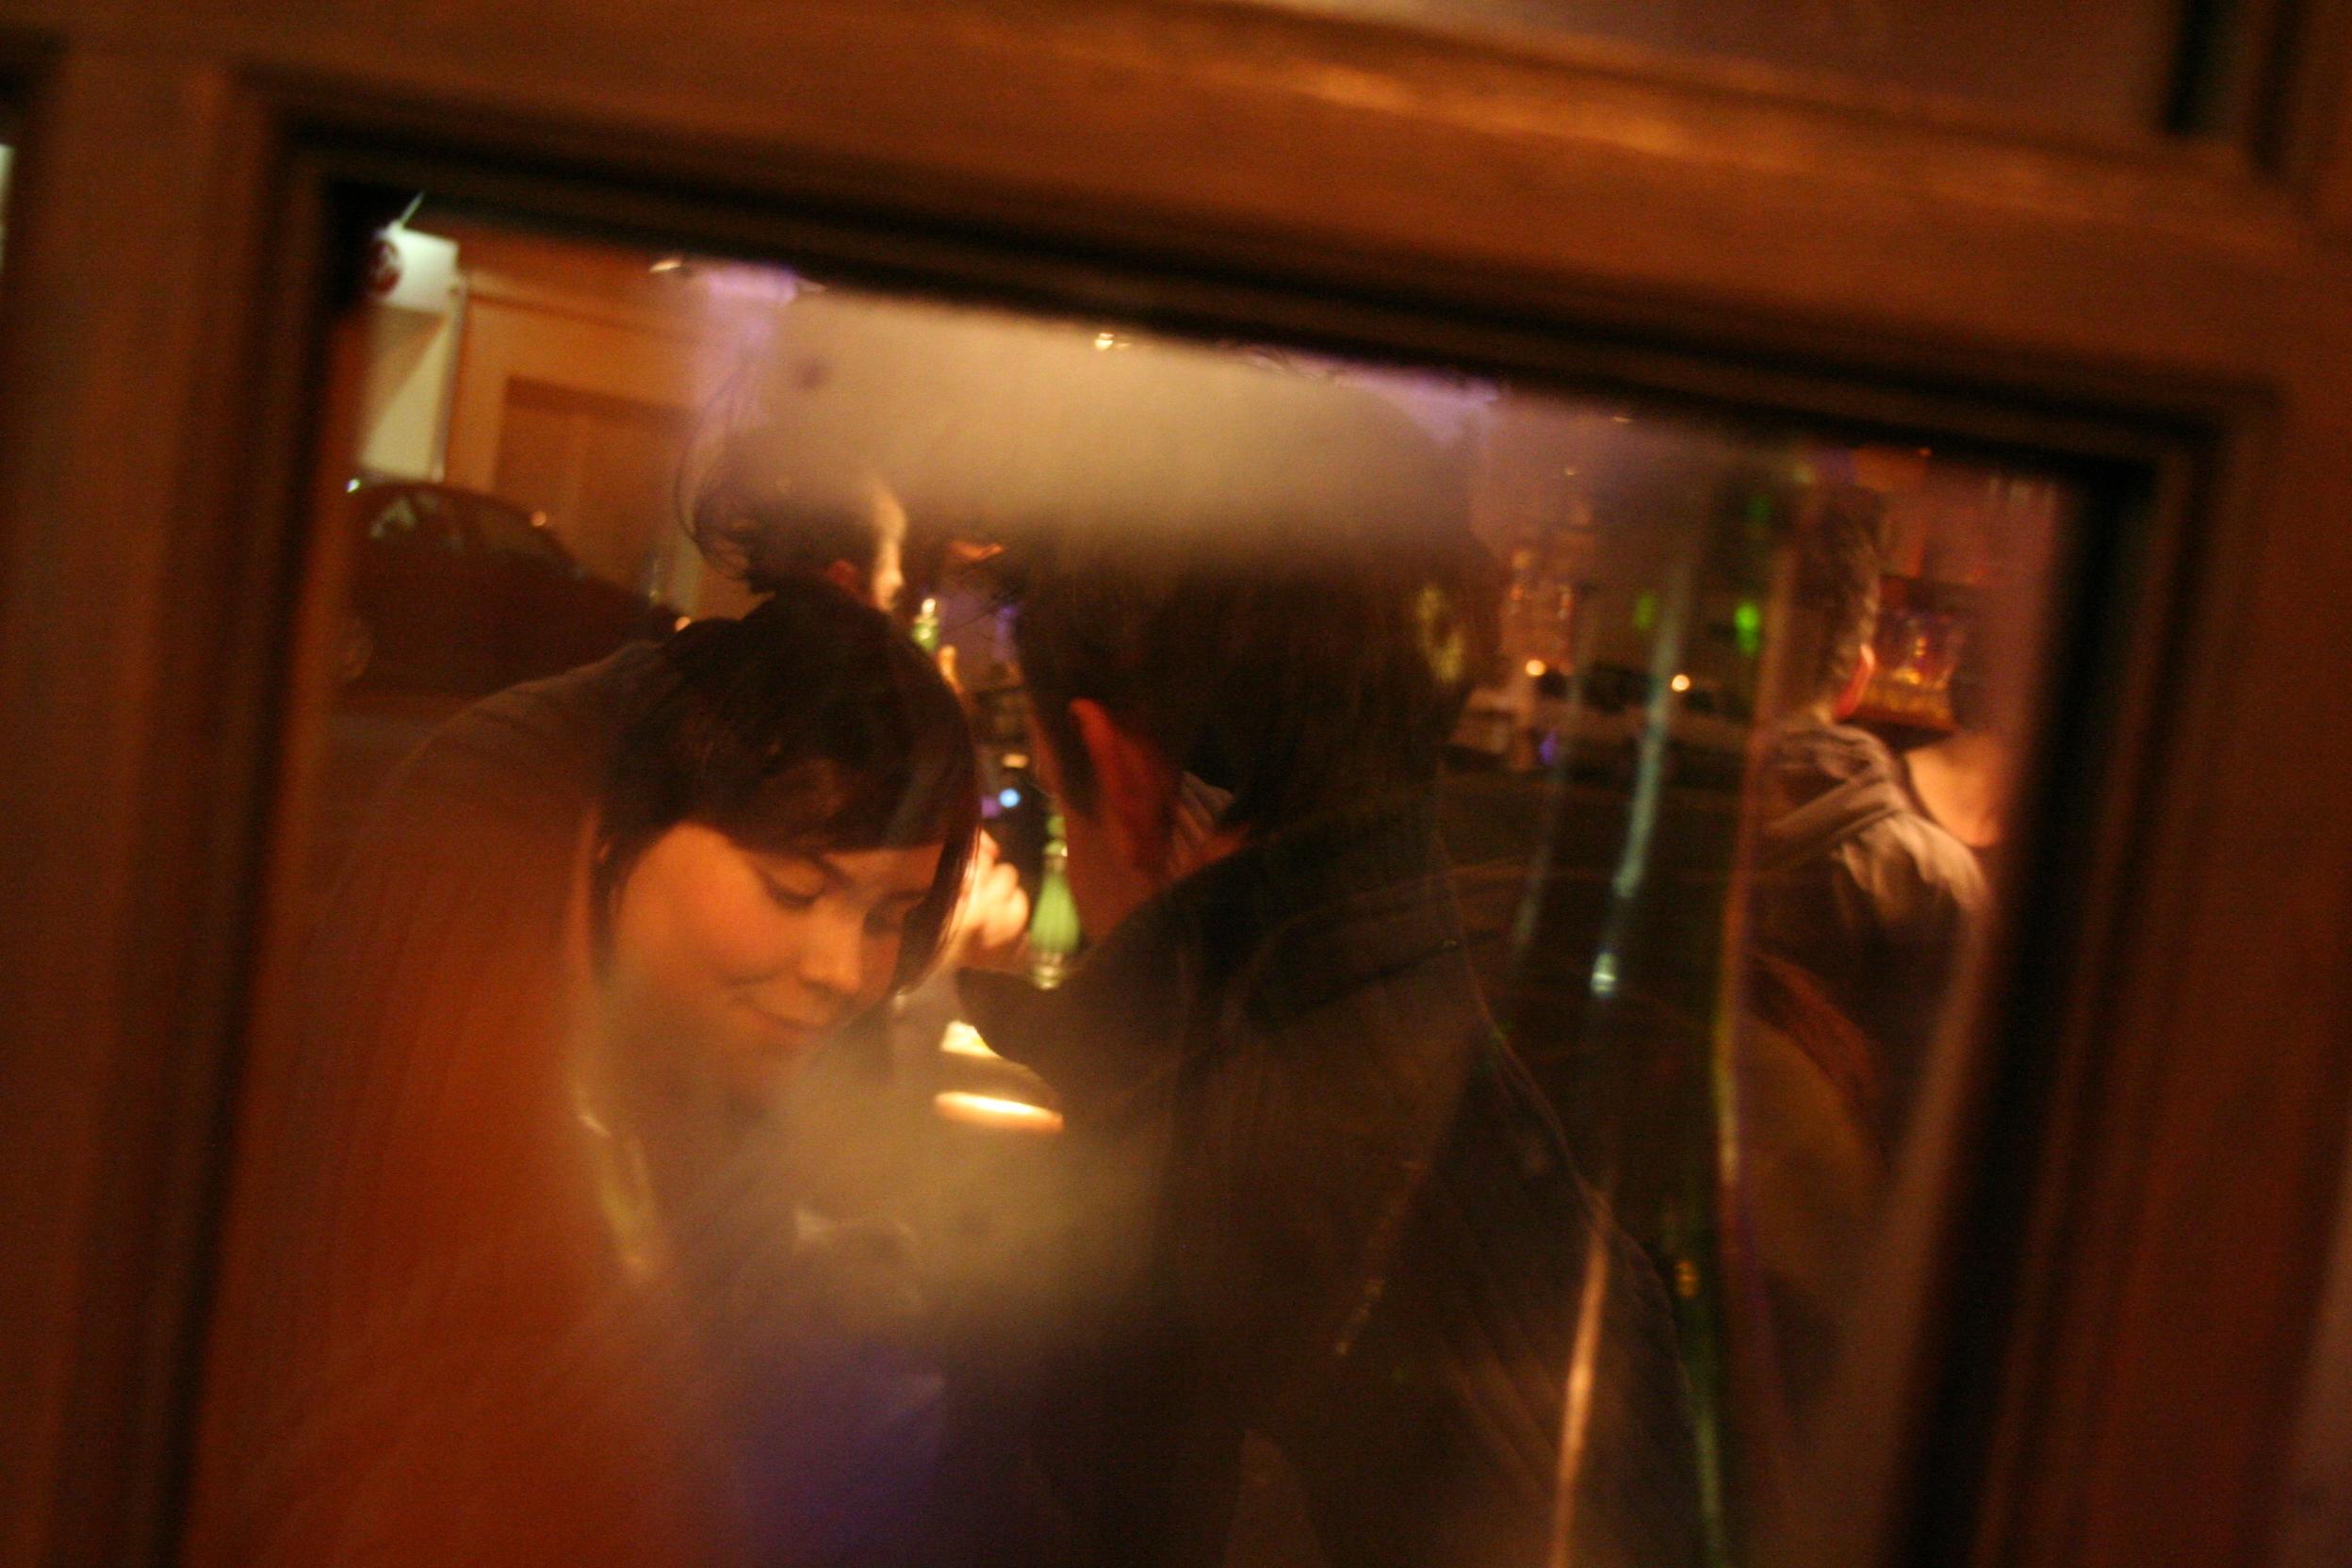 couple à travers une fenêtre embuée